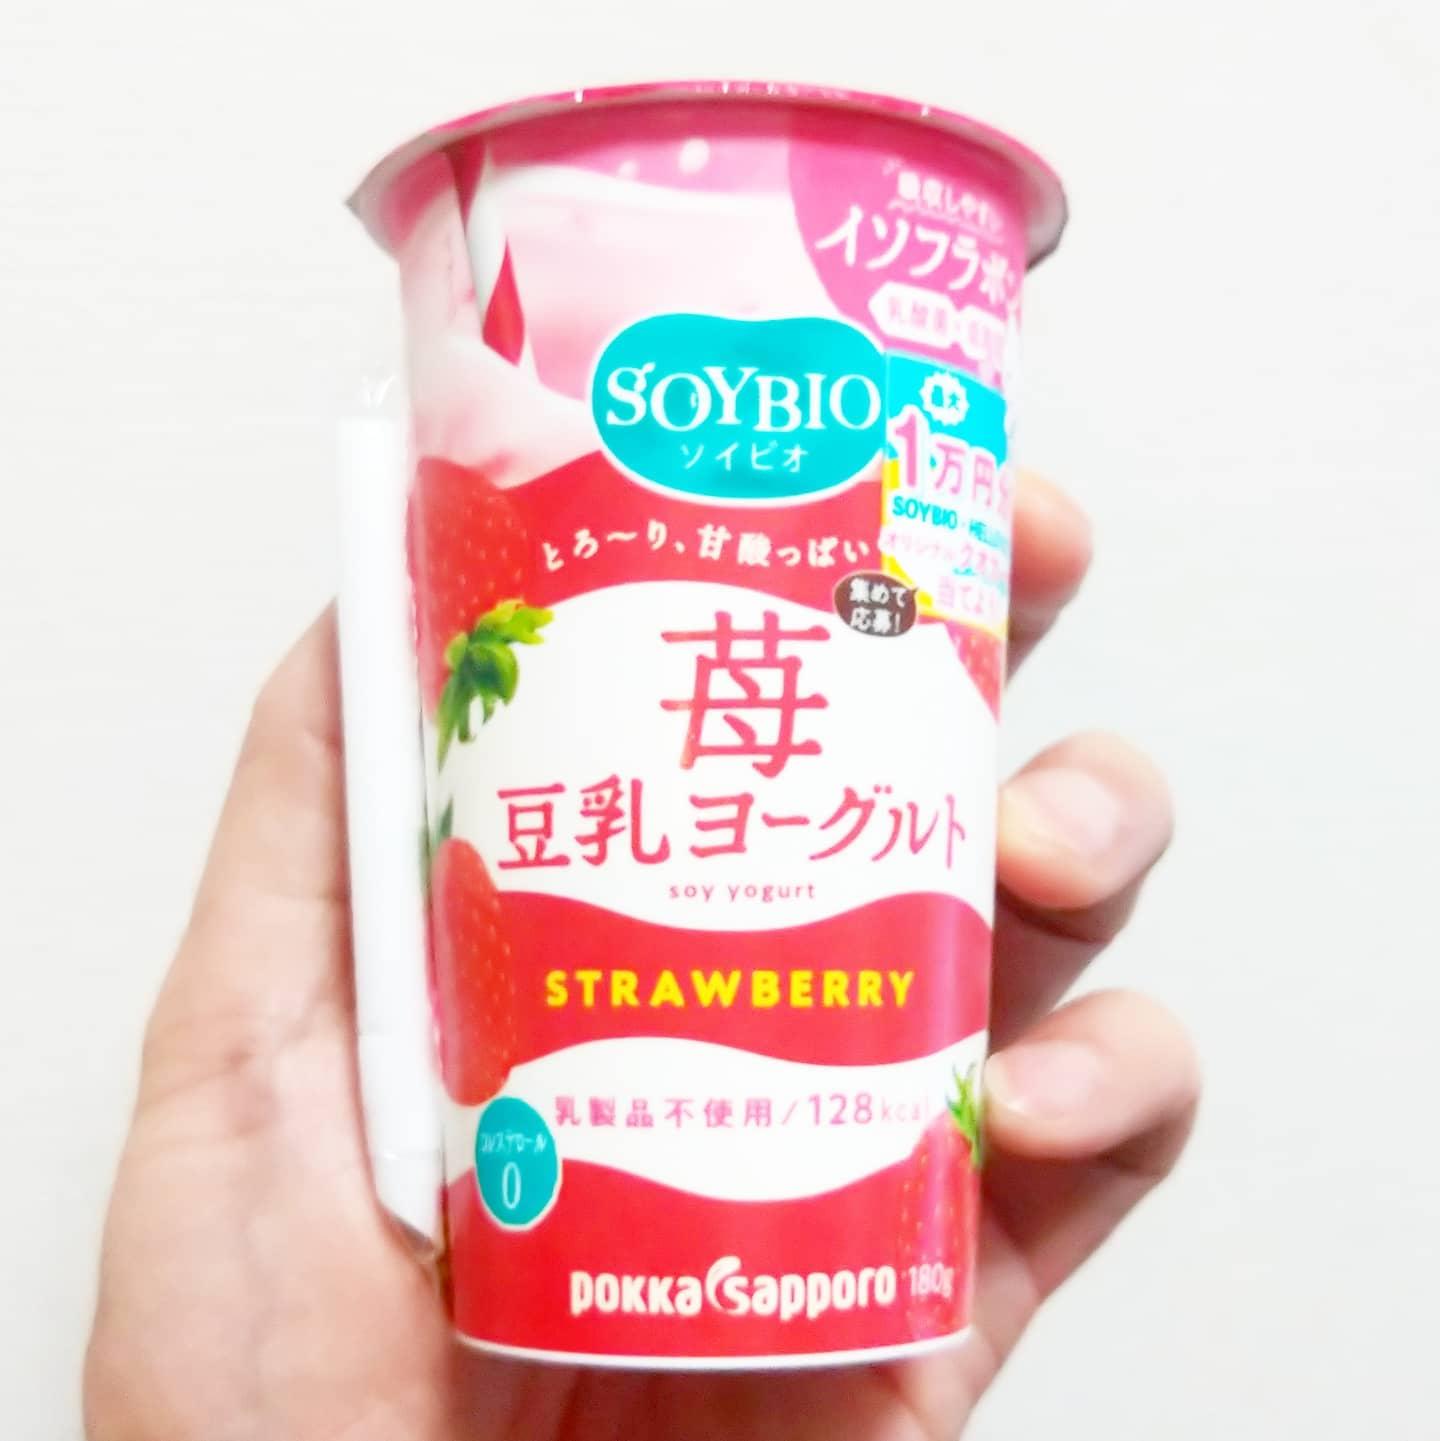 #いちご牛乳クラブ #苺豆乳ヨーグルト #マルハニチロ #侍猫度☆☆☆★★ つぶ粒いちごが美味しいかなりトロリ系のやつ。豆乳らしさはそんなに感じないね。 #いちごオレ #いちご牛乳 #イチゴ牛乳 #苺牛乳 #メソギア派 #糖分